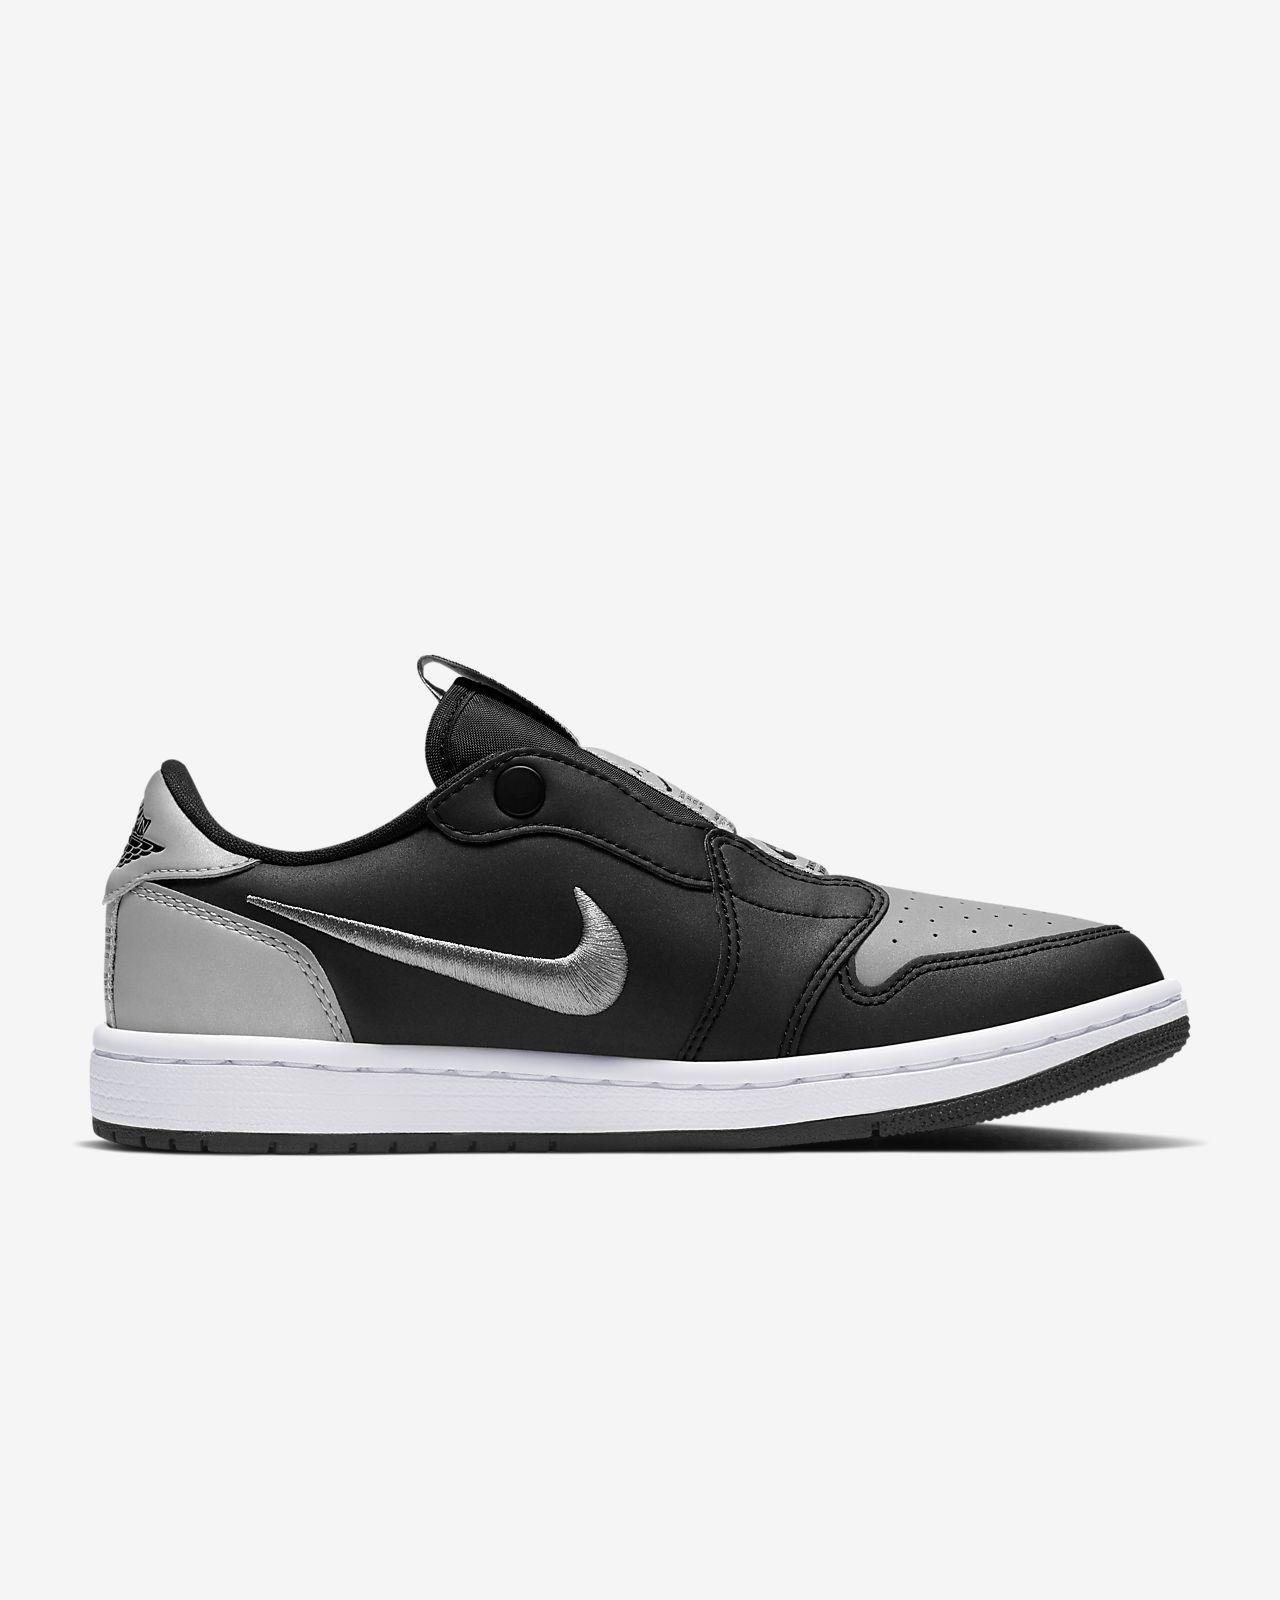 Comprar Zapatillas Nike,Nike Air Jordan 1 Retro Low OG Mujer